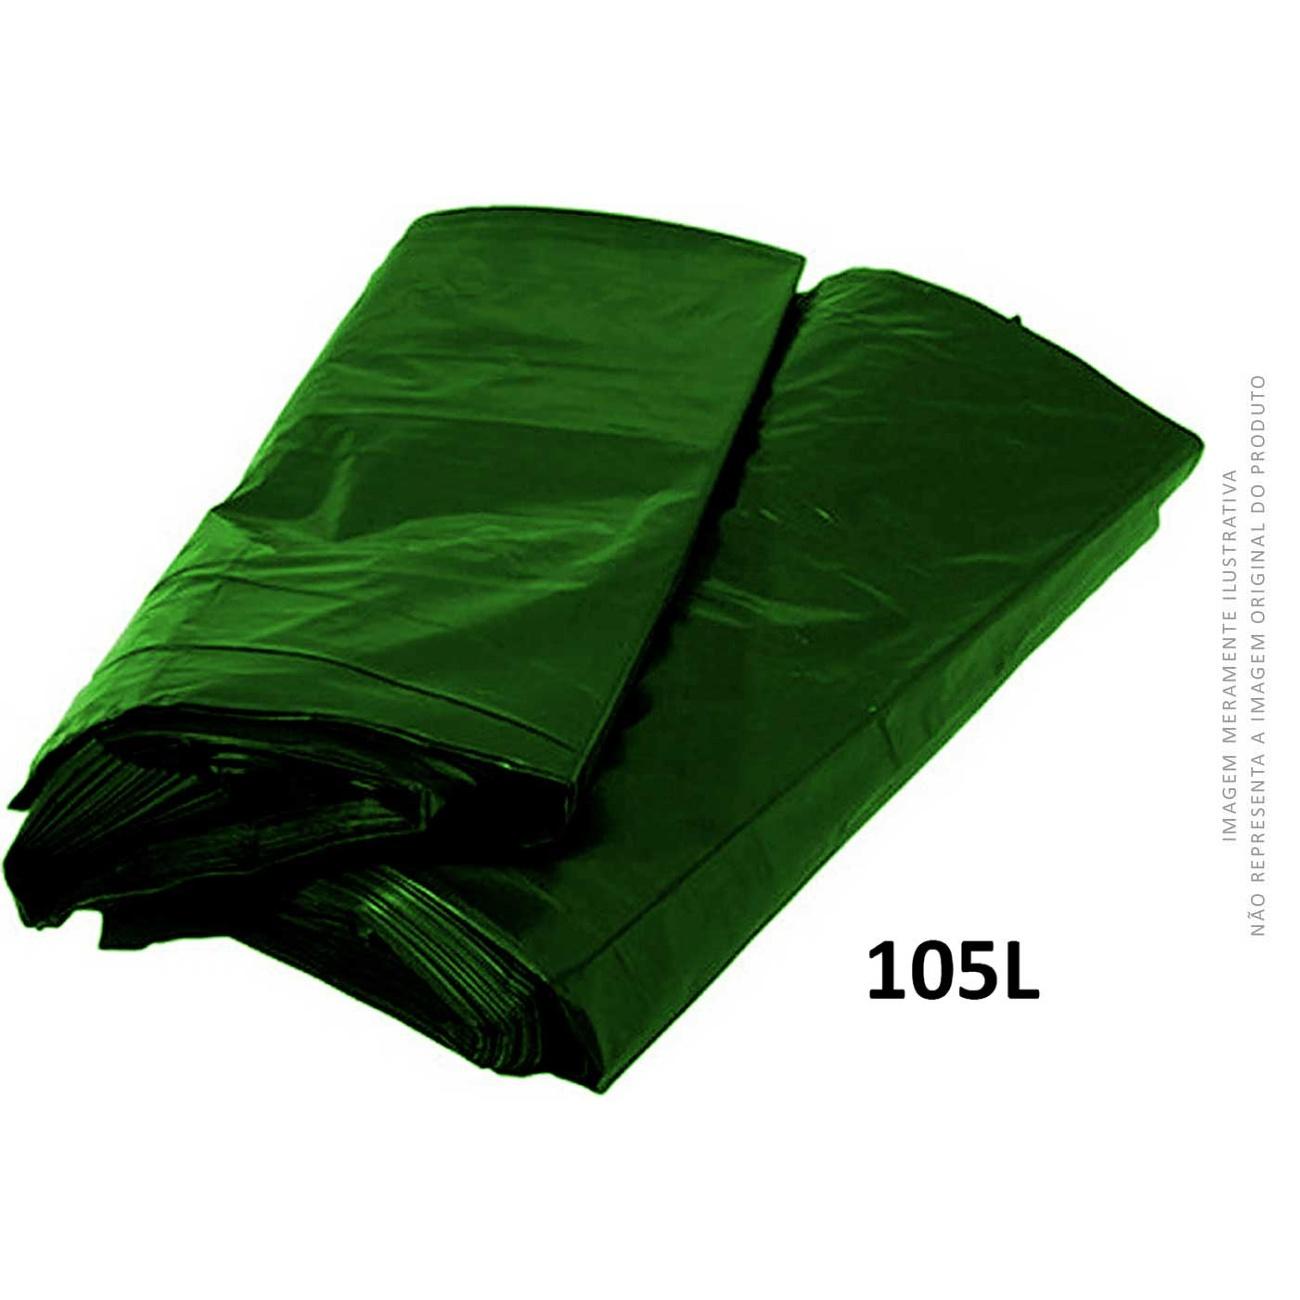 Saco De Lixo Verde Brasil Embalagens 105L   Caixa com 100 unidades